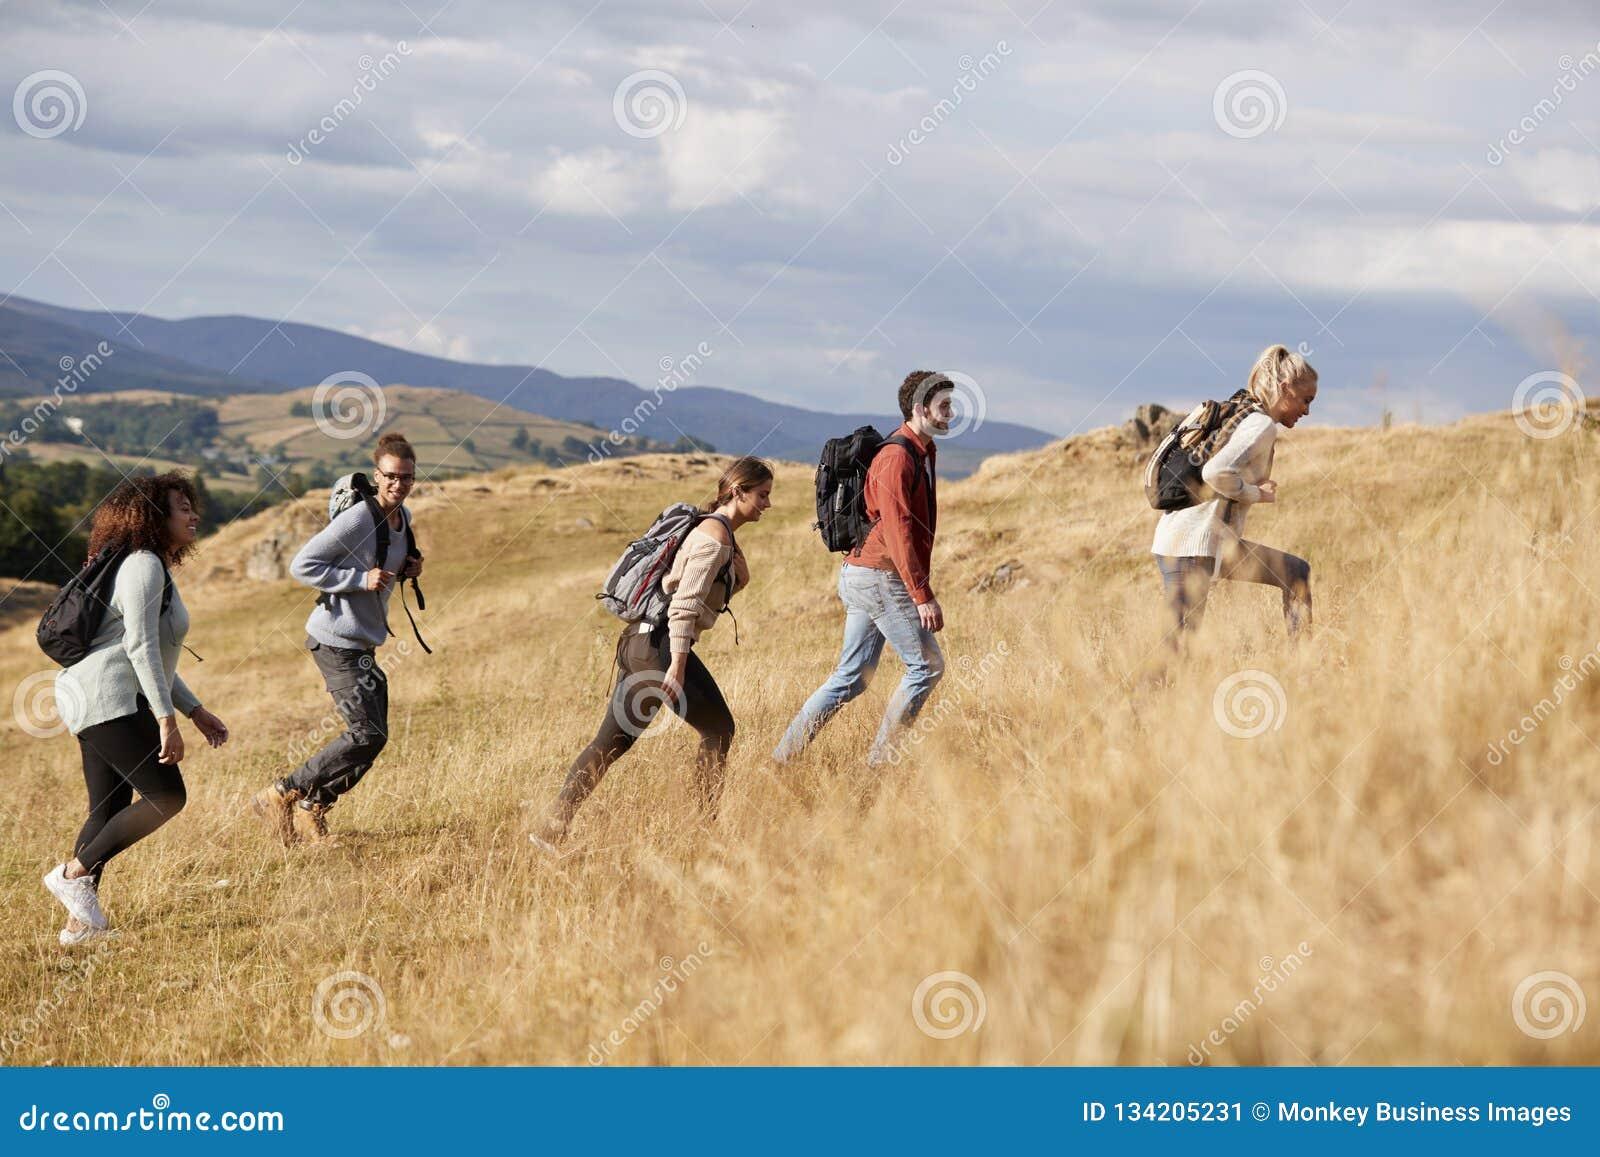 Multi etnische groep gelukkige jonge volwassen vrienden die een heuvel beklimmen tijdens een bergstijging, zijaanzicht